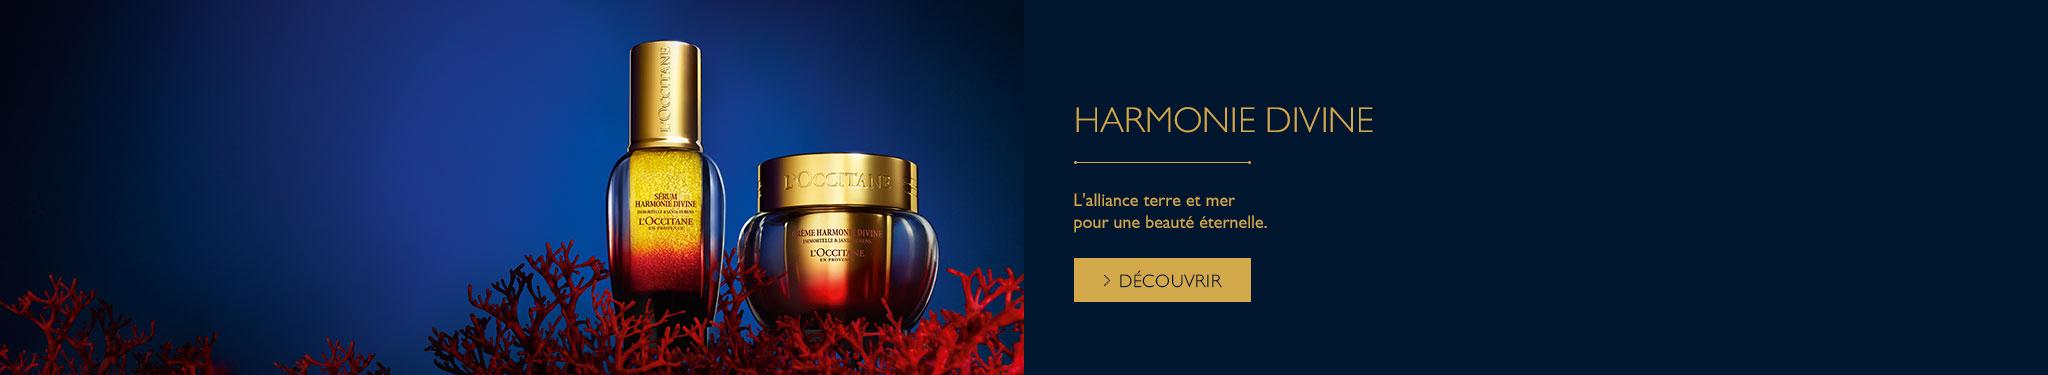 Harmonie Divine   L'Occitane